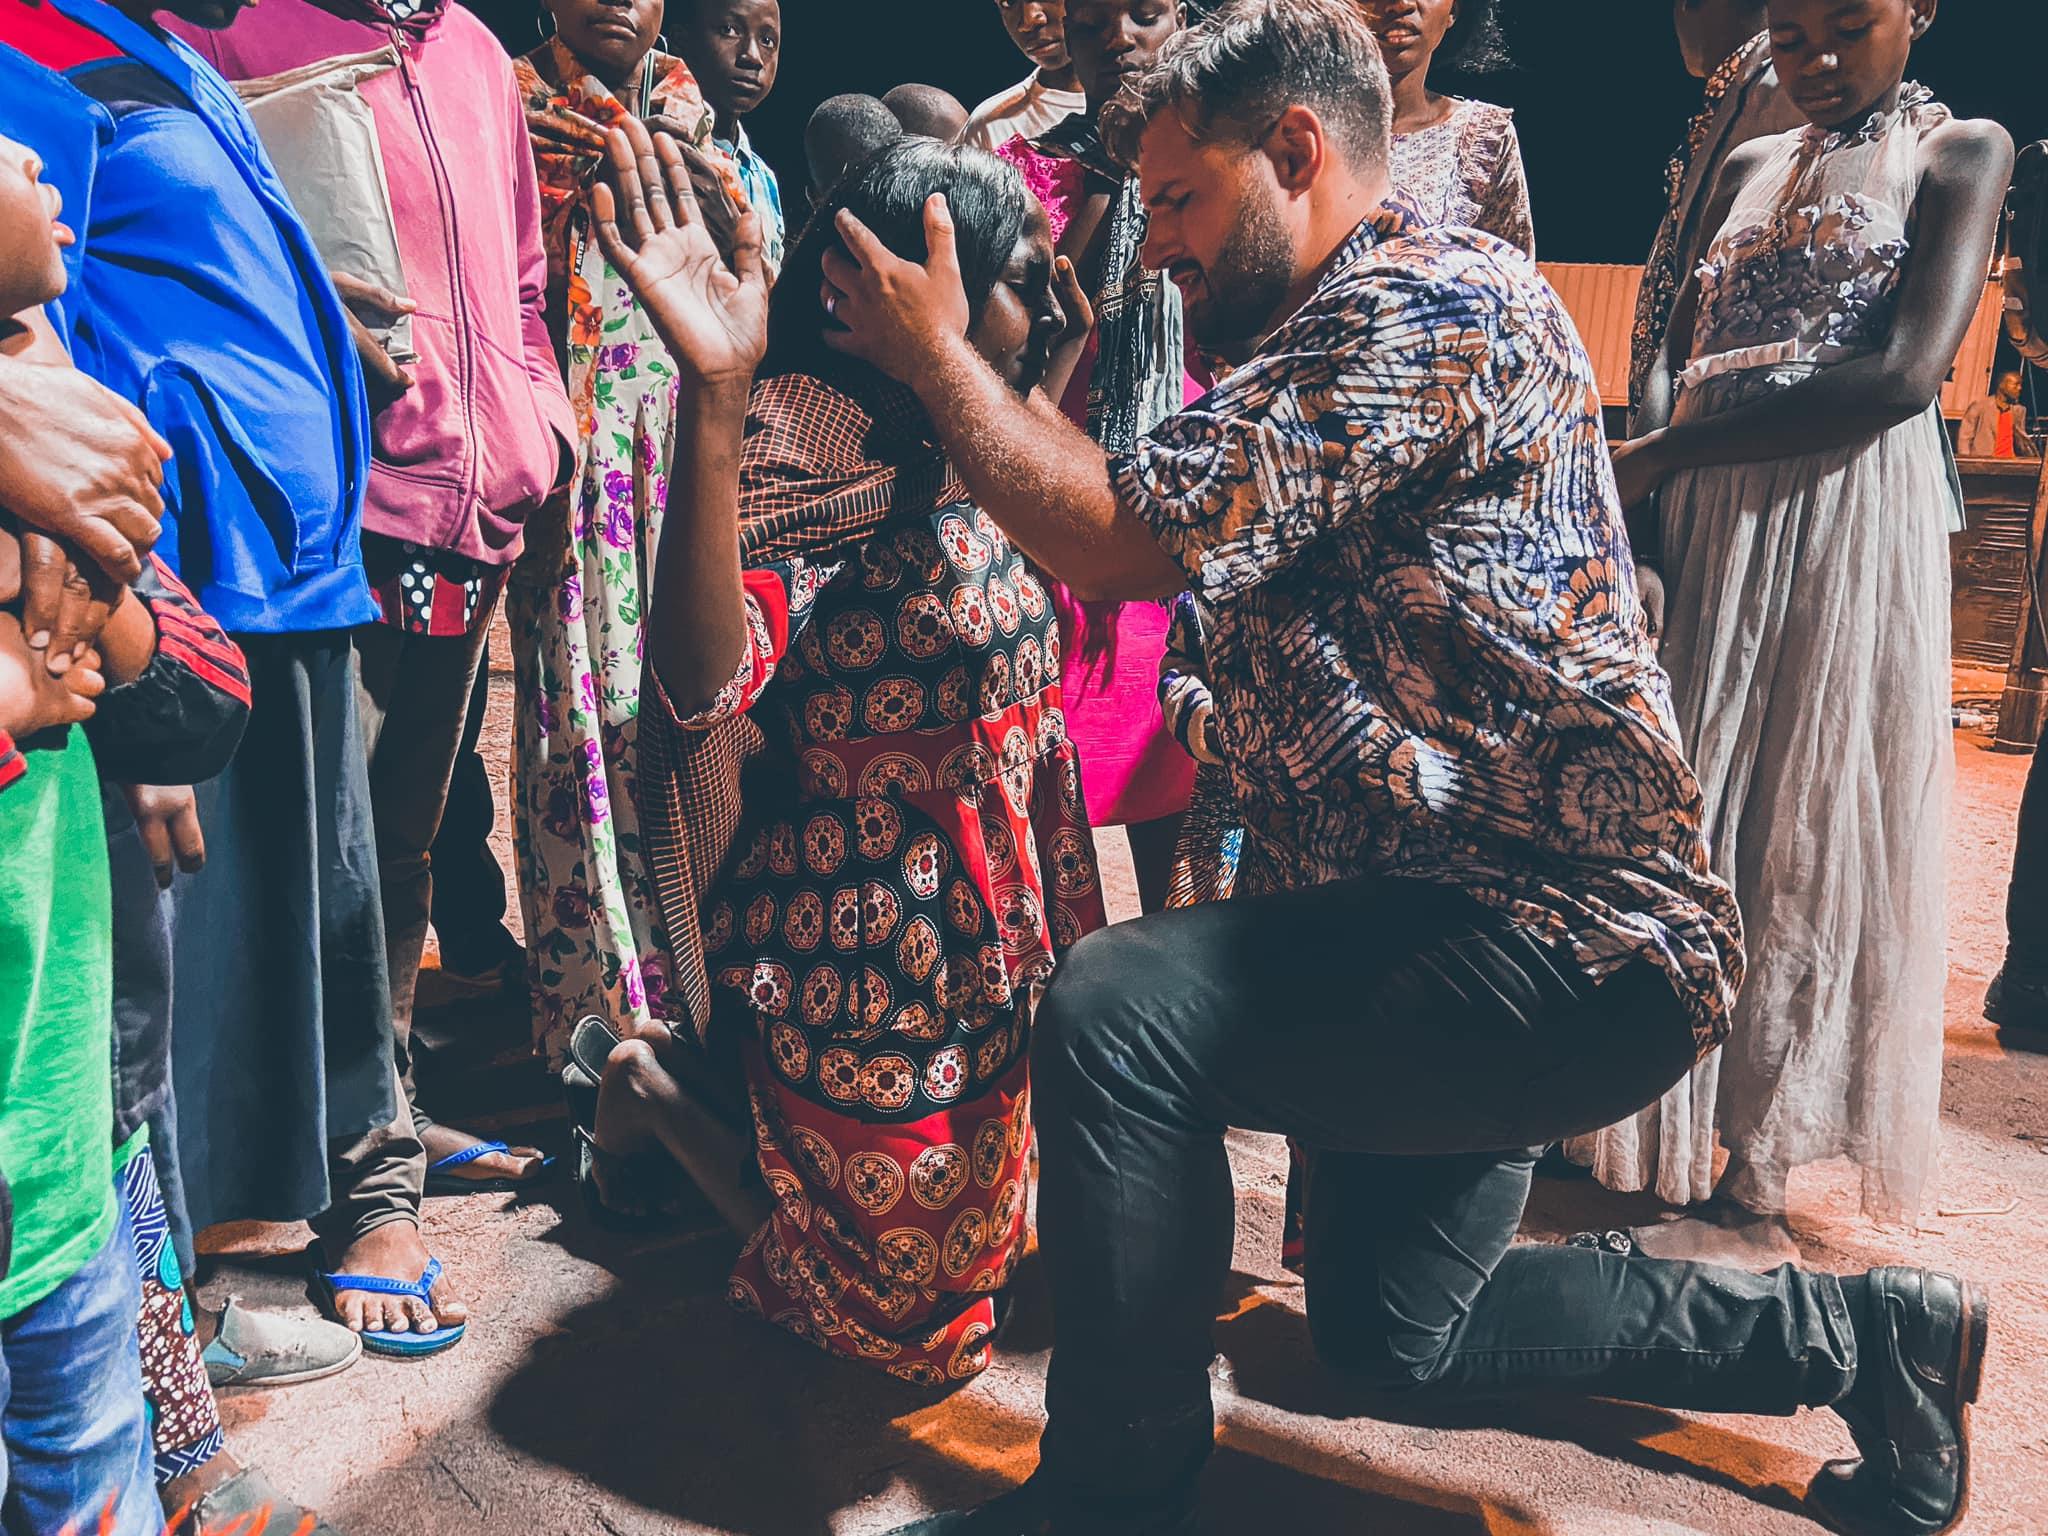 Singida-Praying-Over-Woman